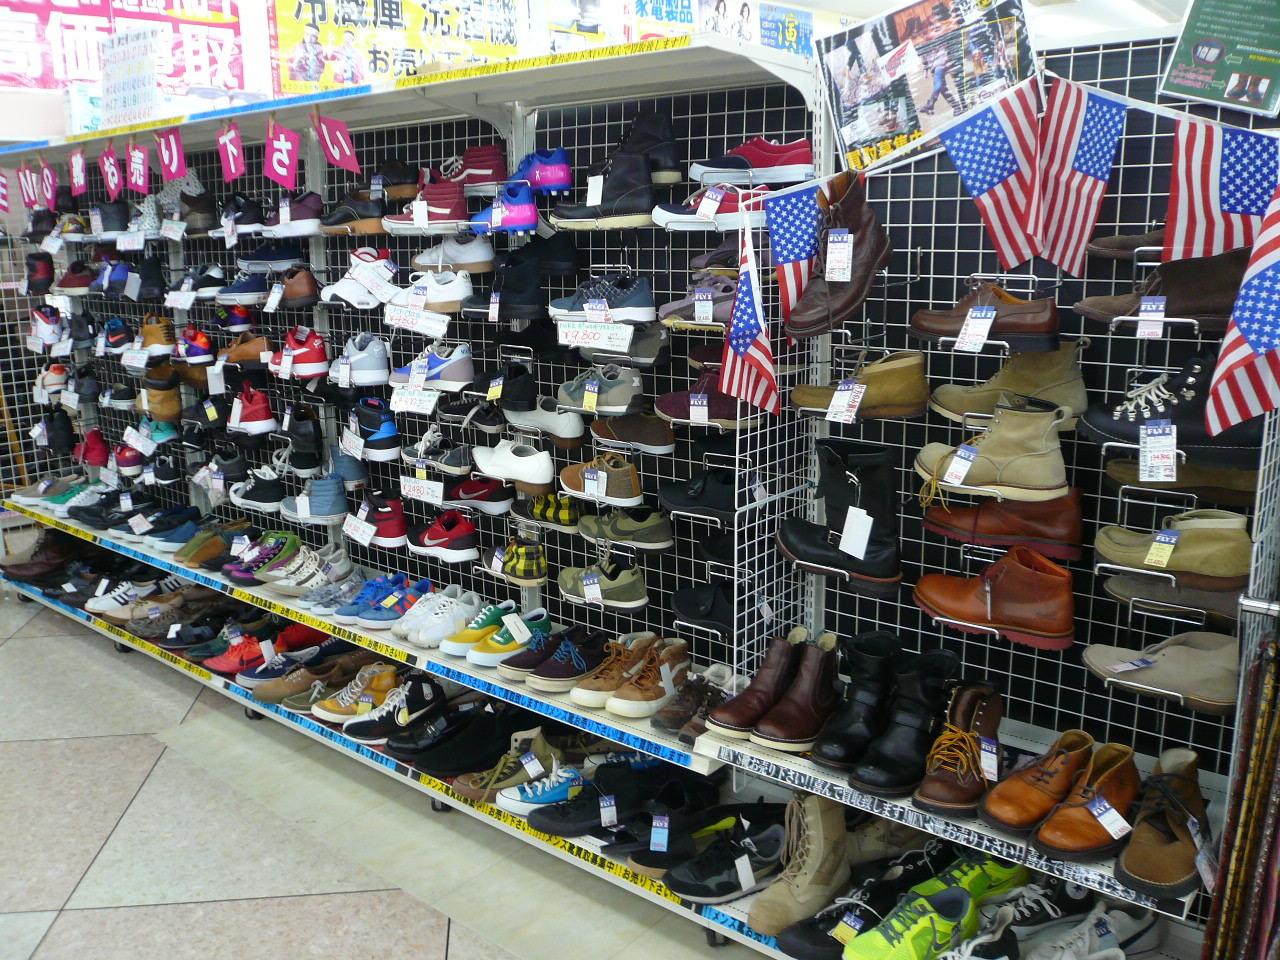 靴を 売るなら  総合 リサイクルショップ フライズ 佐賀 店 佐賀市 買い取り 査定